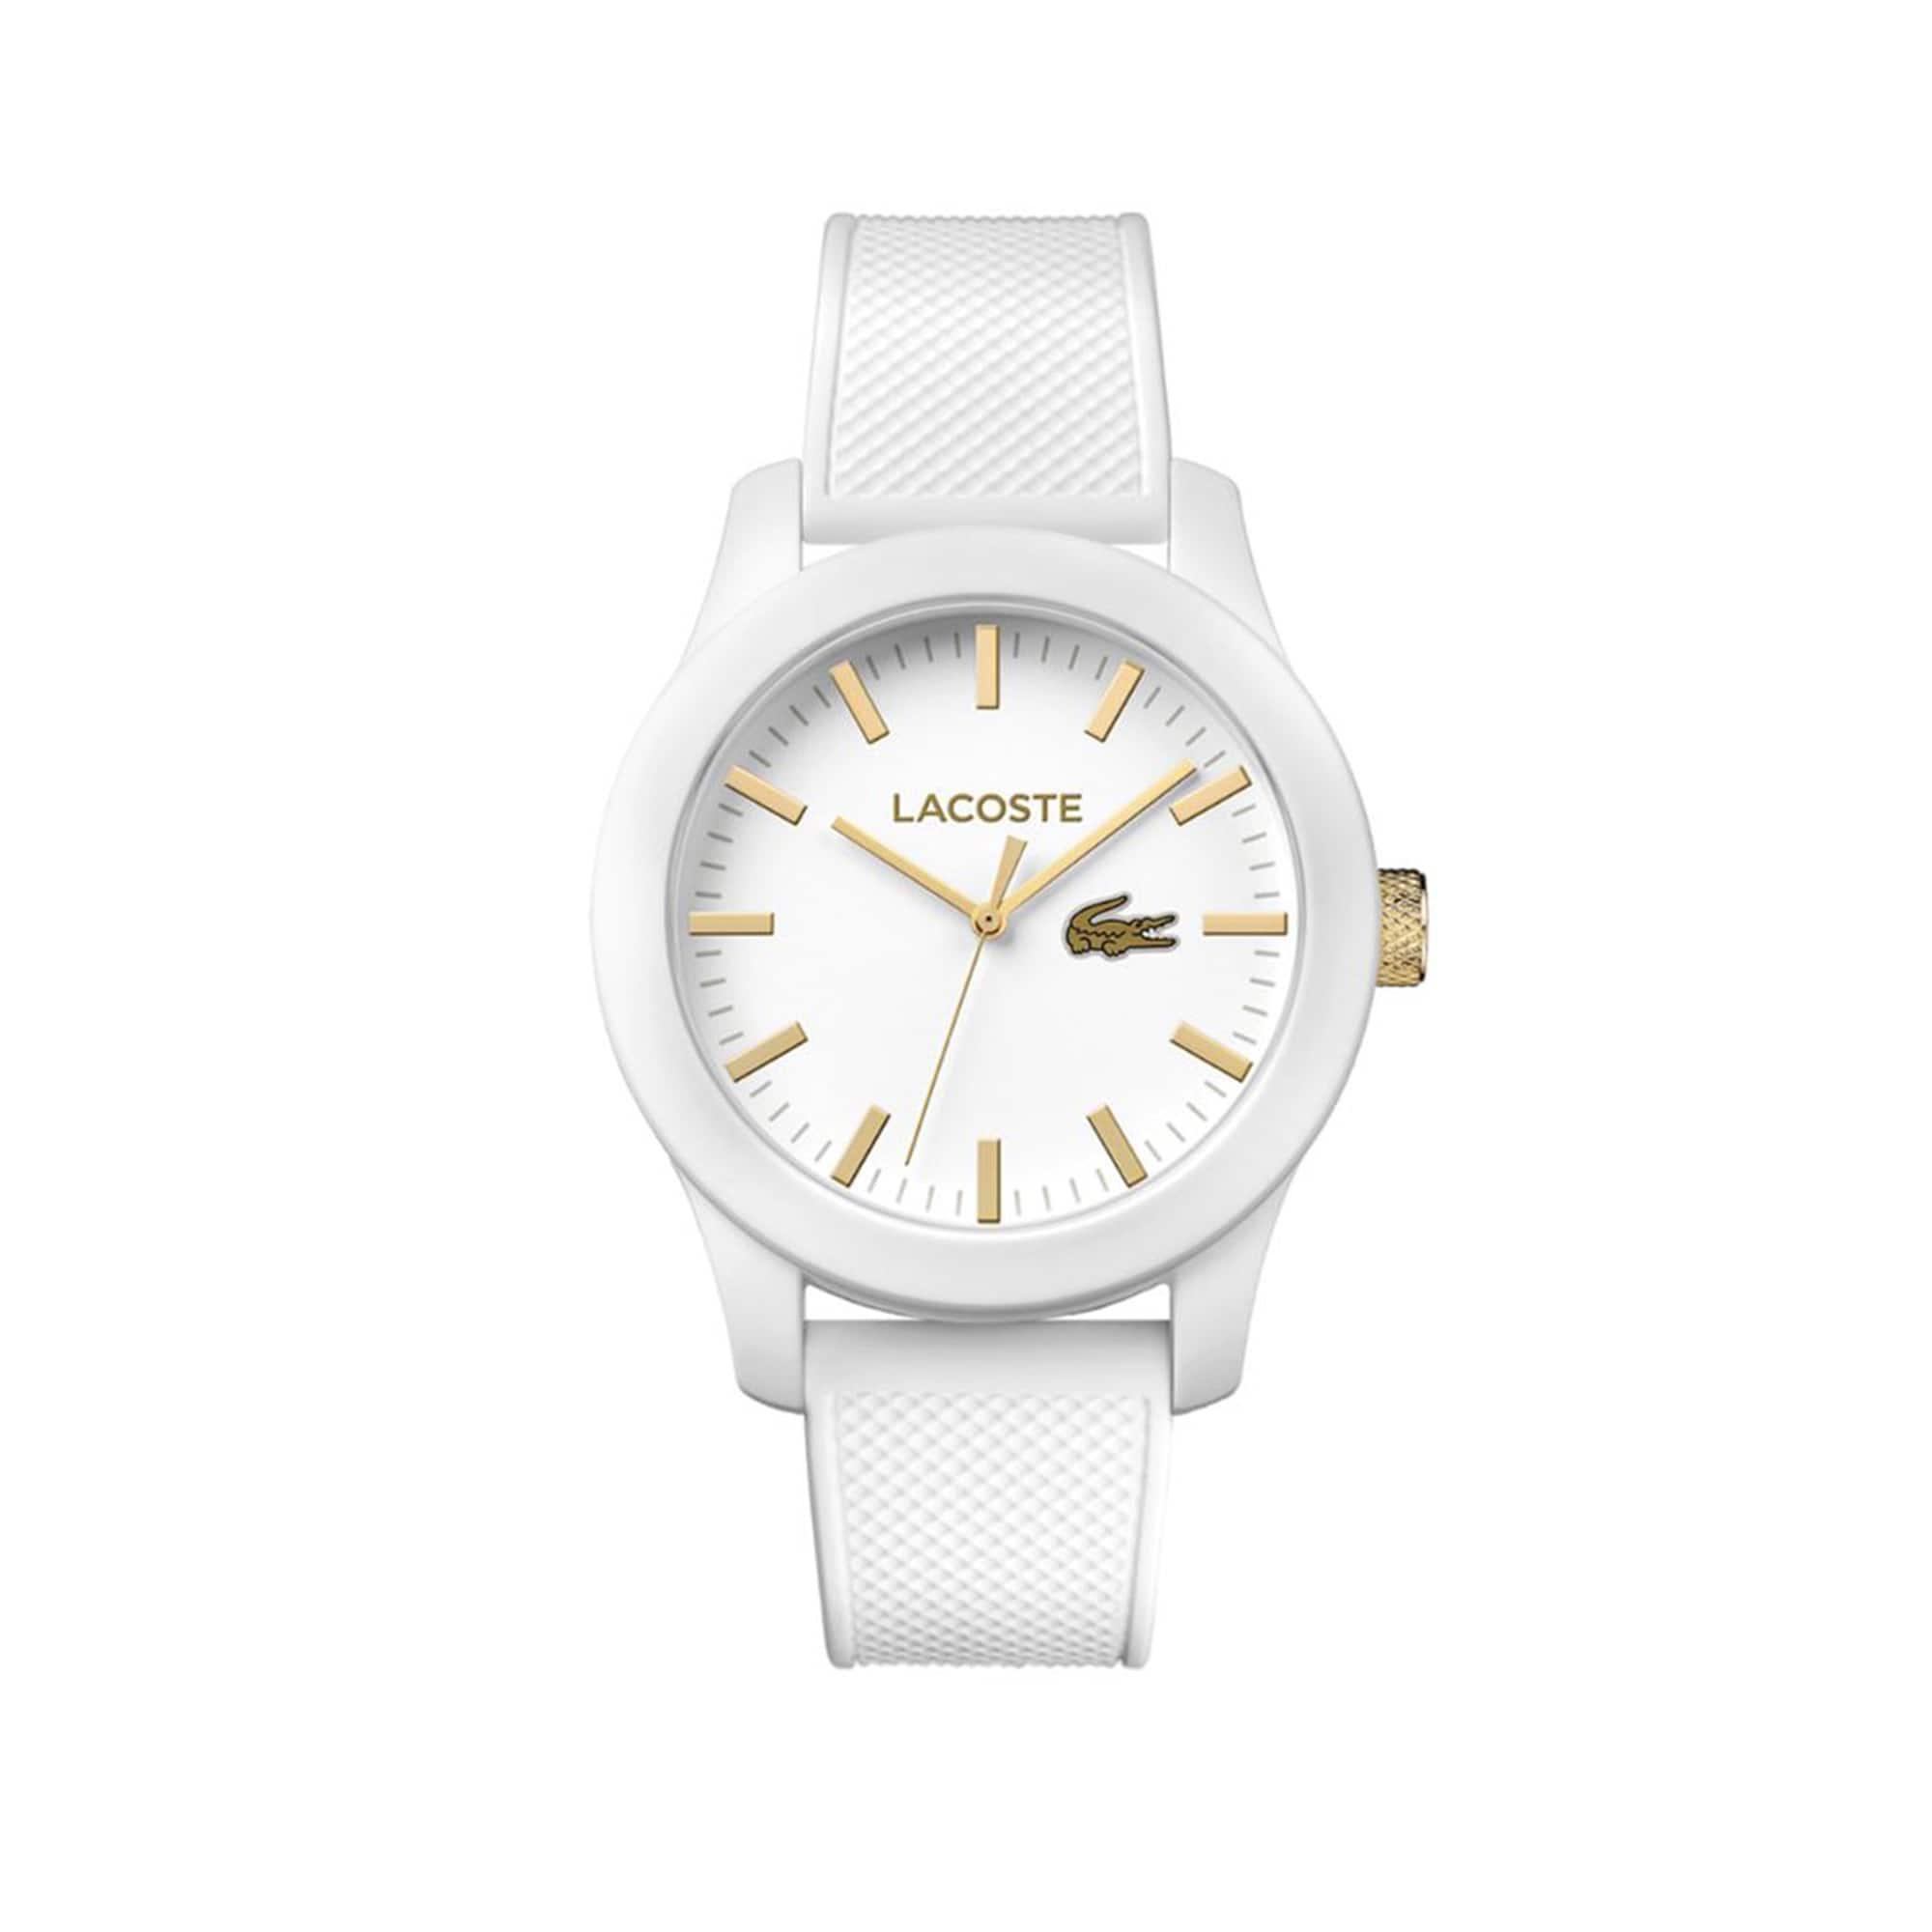 라코스테 L.12.12 watch with white strap